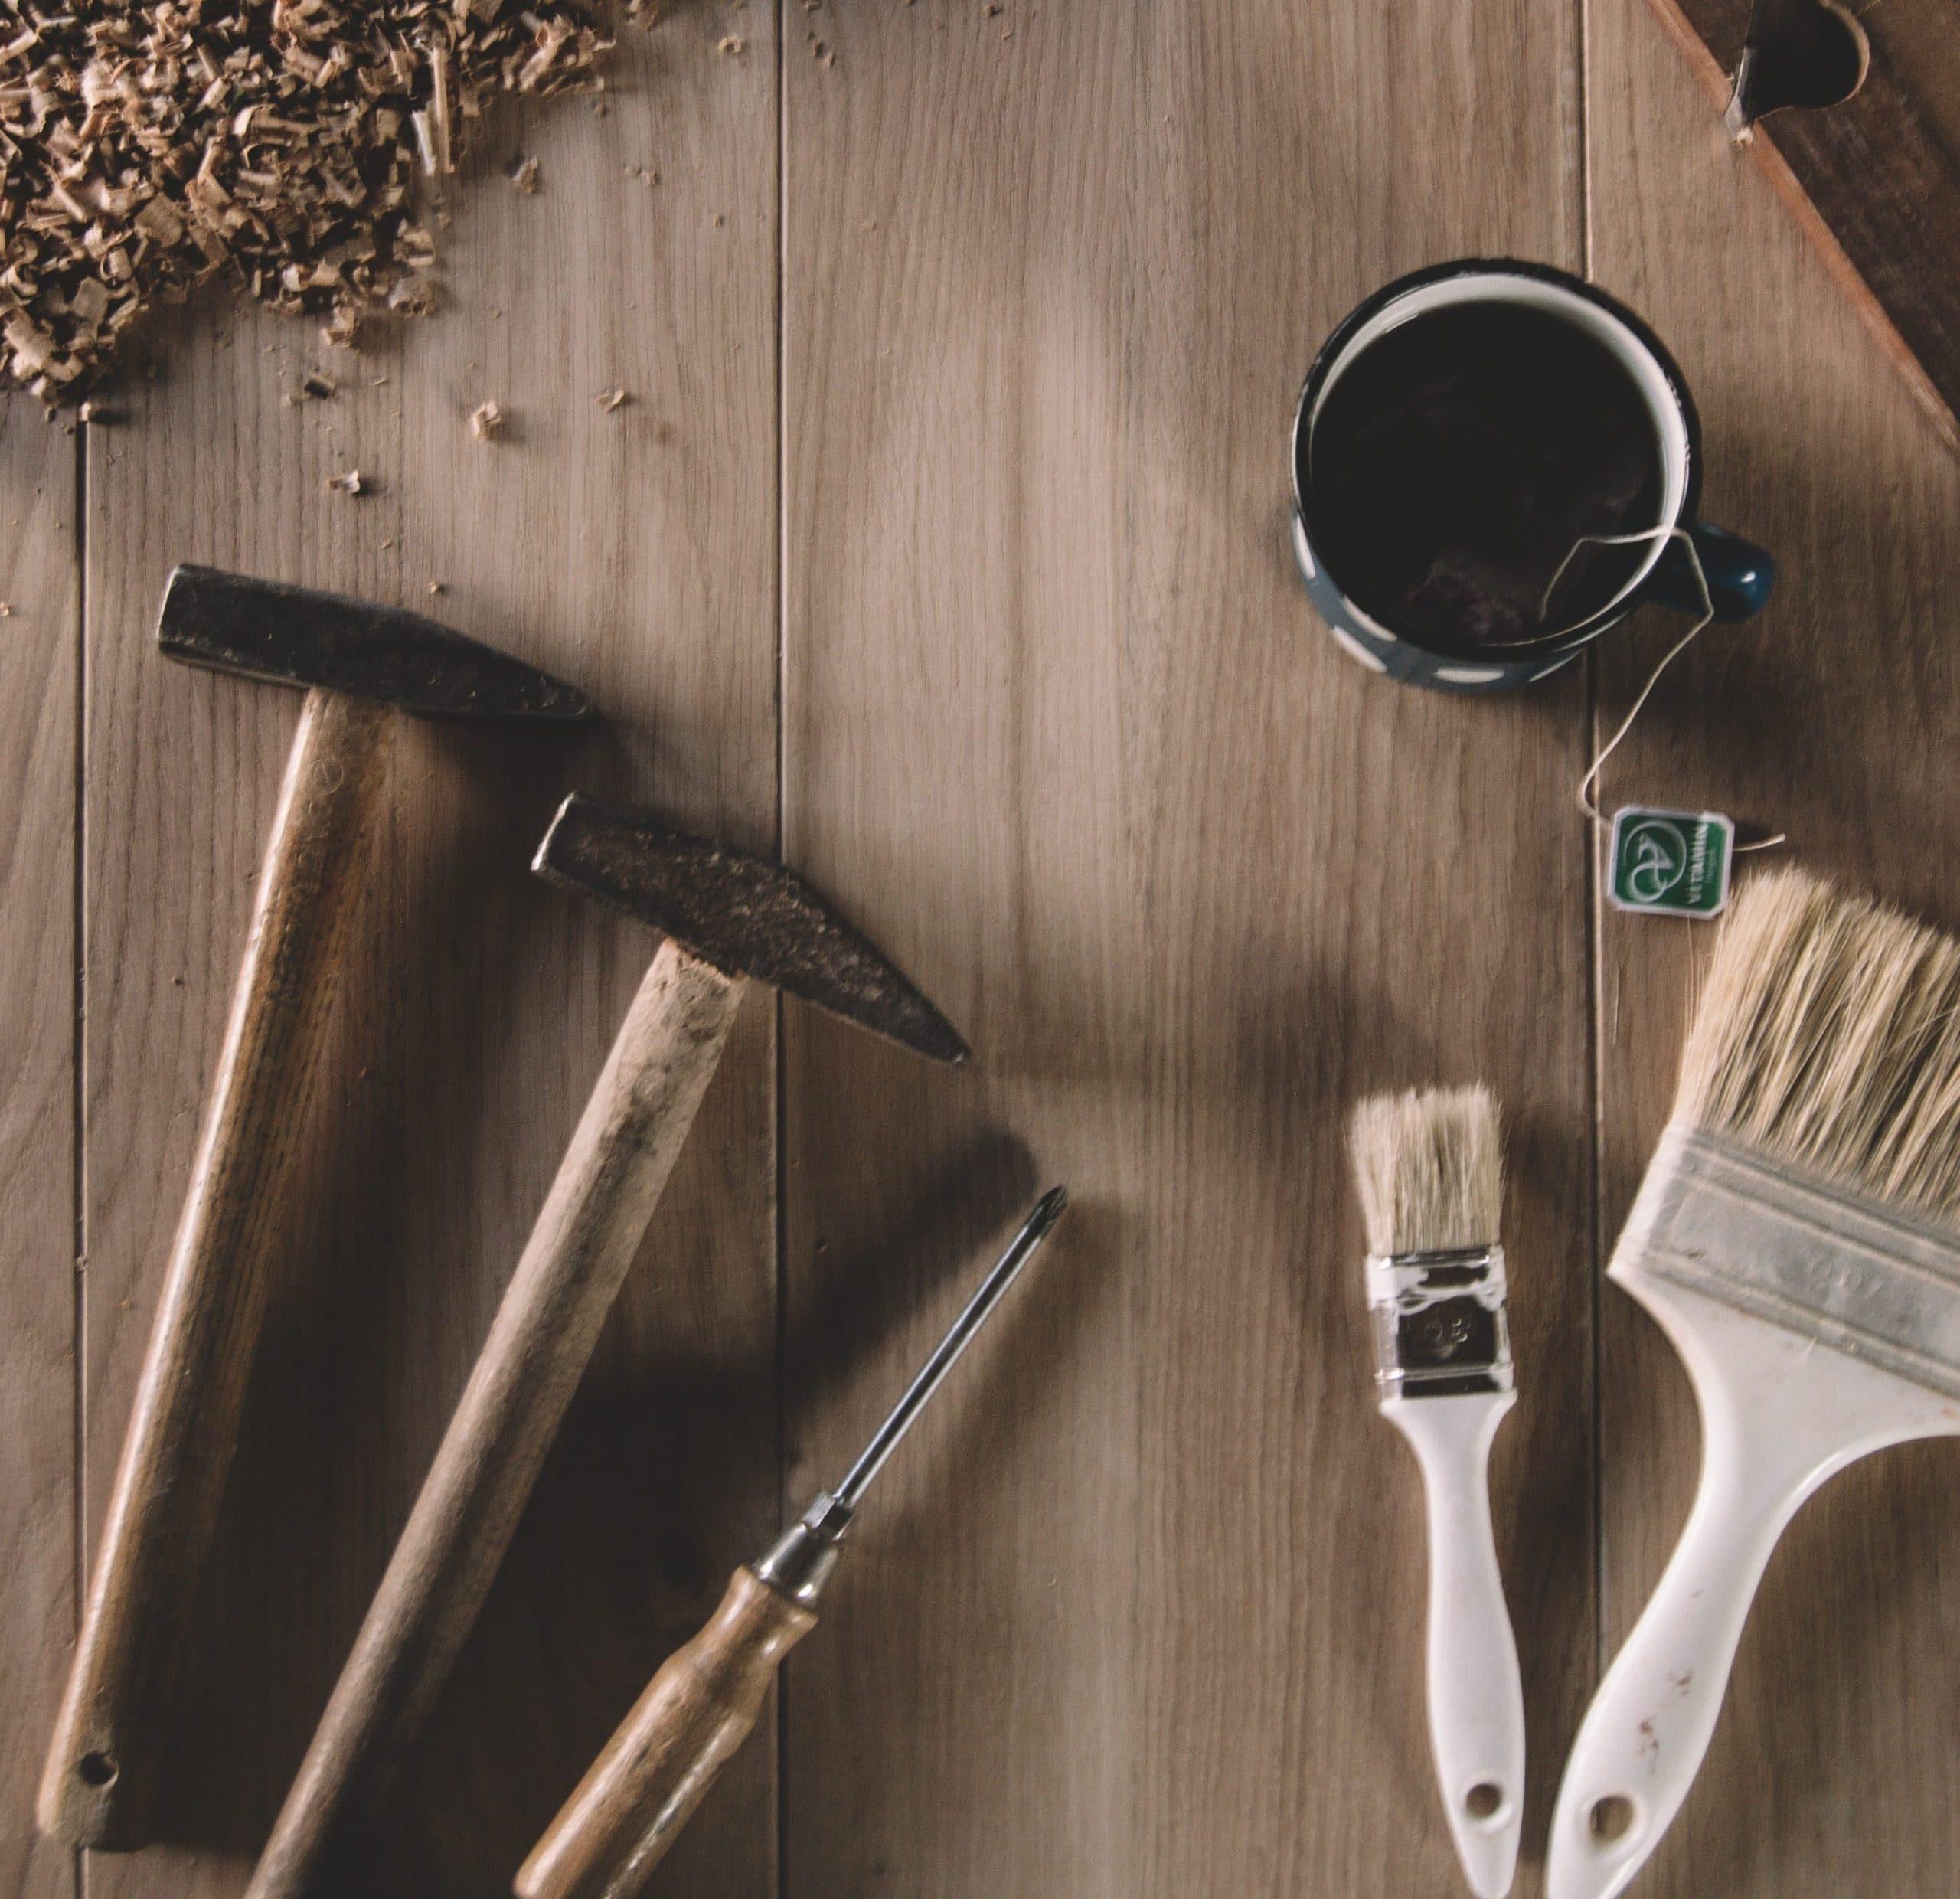 Marteaux et pinceaux posés sur une planche en bois pour faire du bricolage